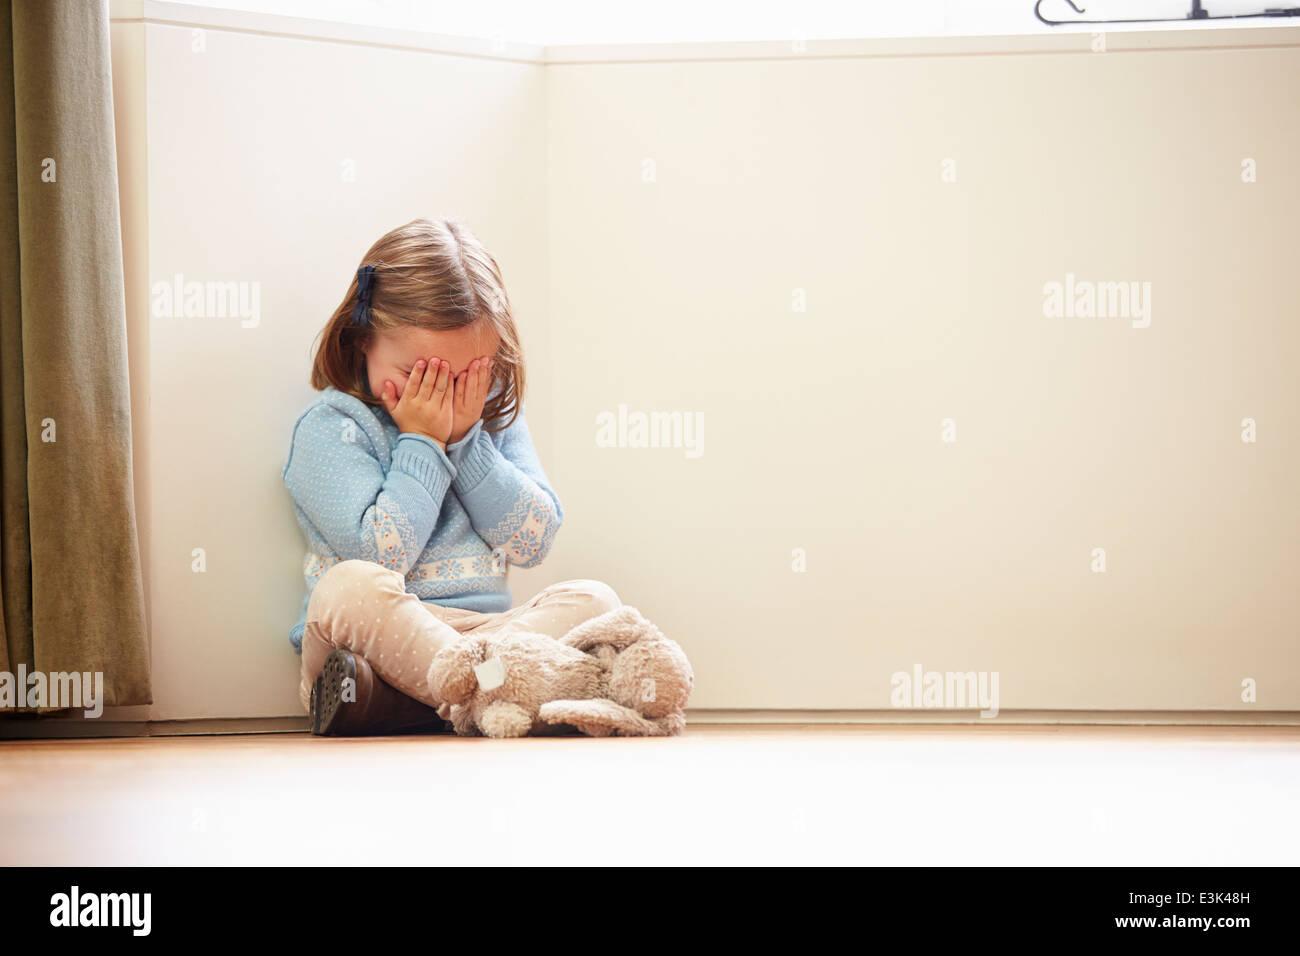 Infelice bambino seduto sul pavimento in un angolo a casa Immagini Stock